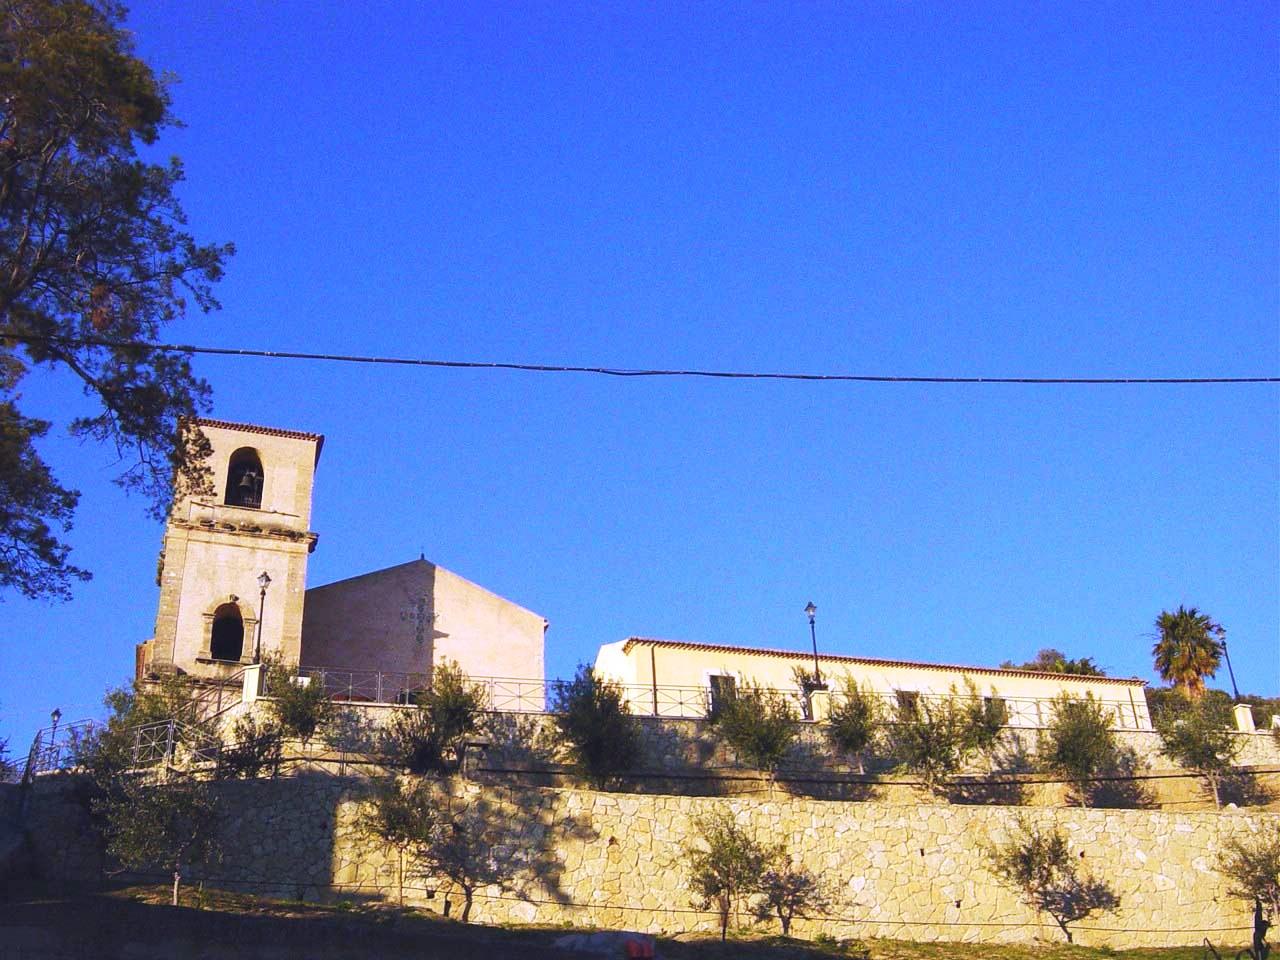 La Chiesa Monumentale di San Bernardino oggi...